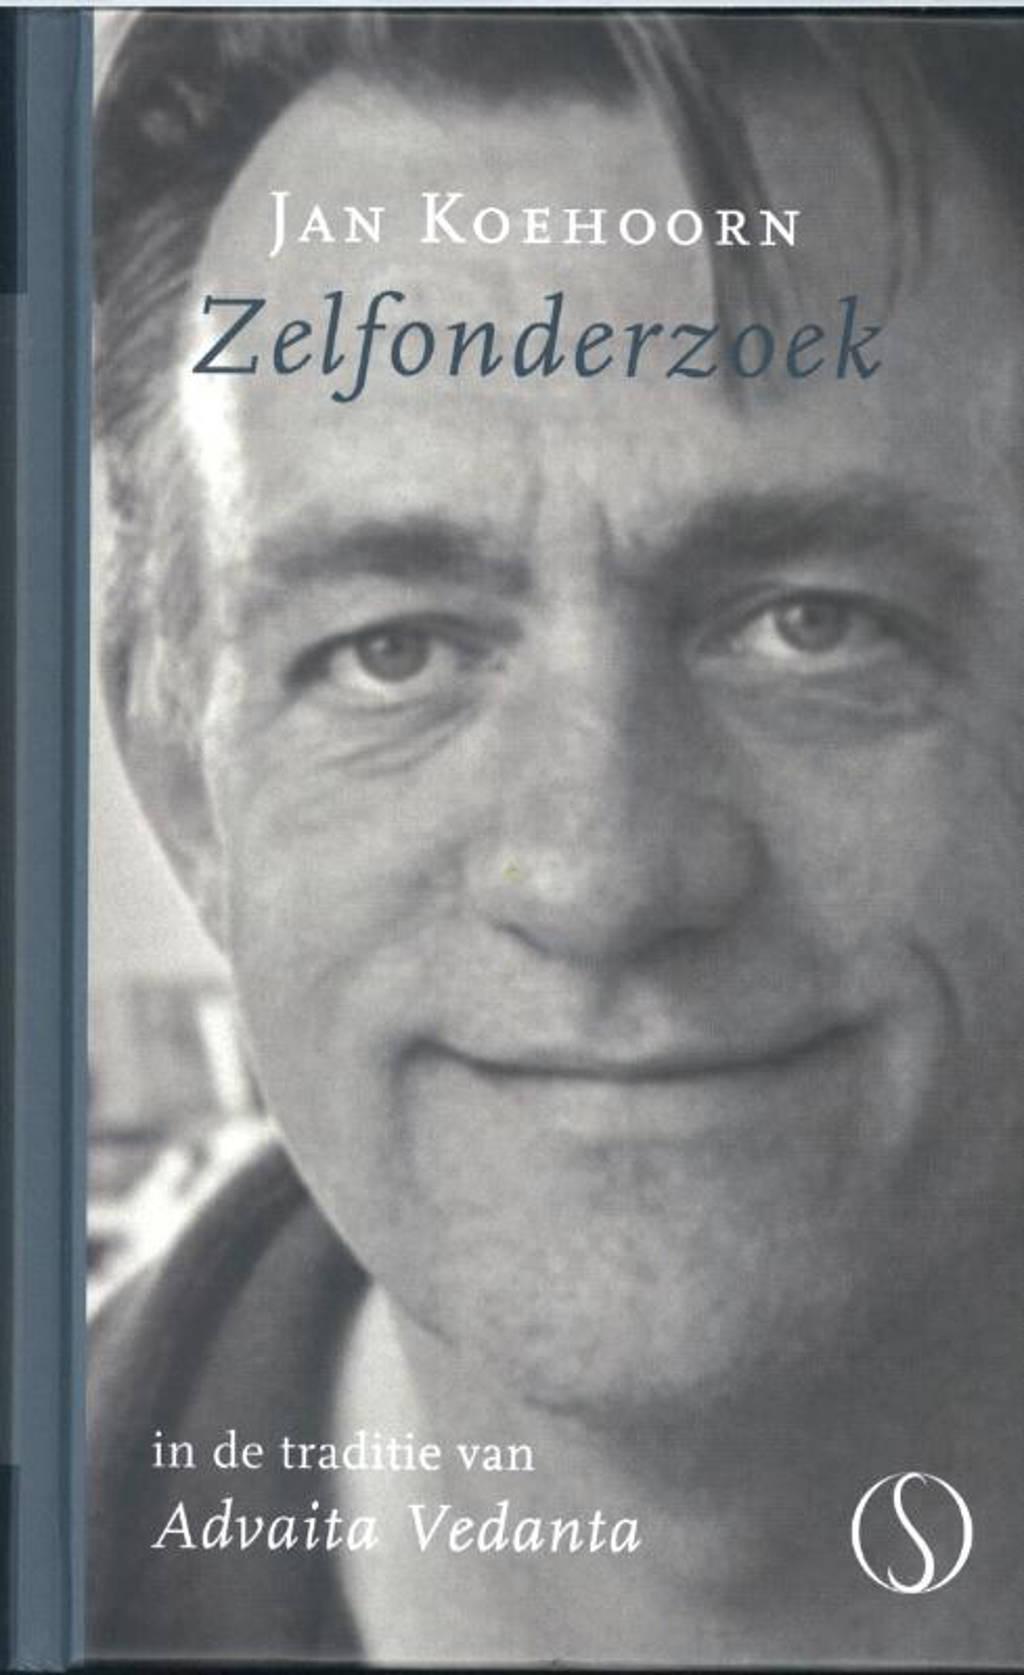 Zelfonderzoek - Jan Koehoorn